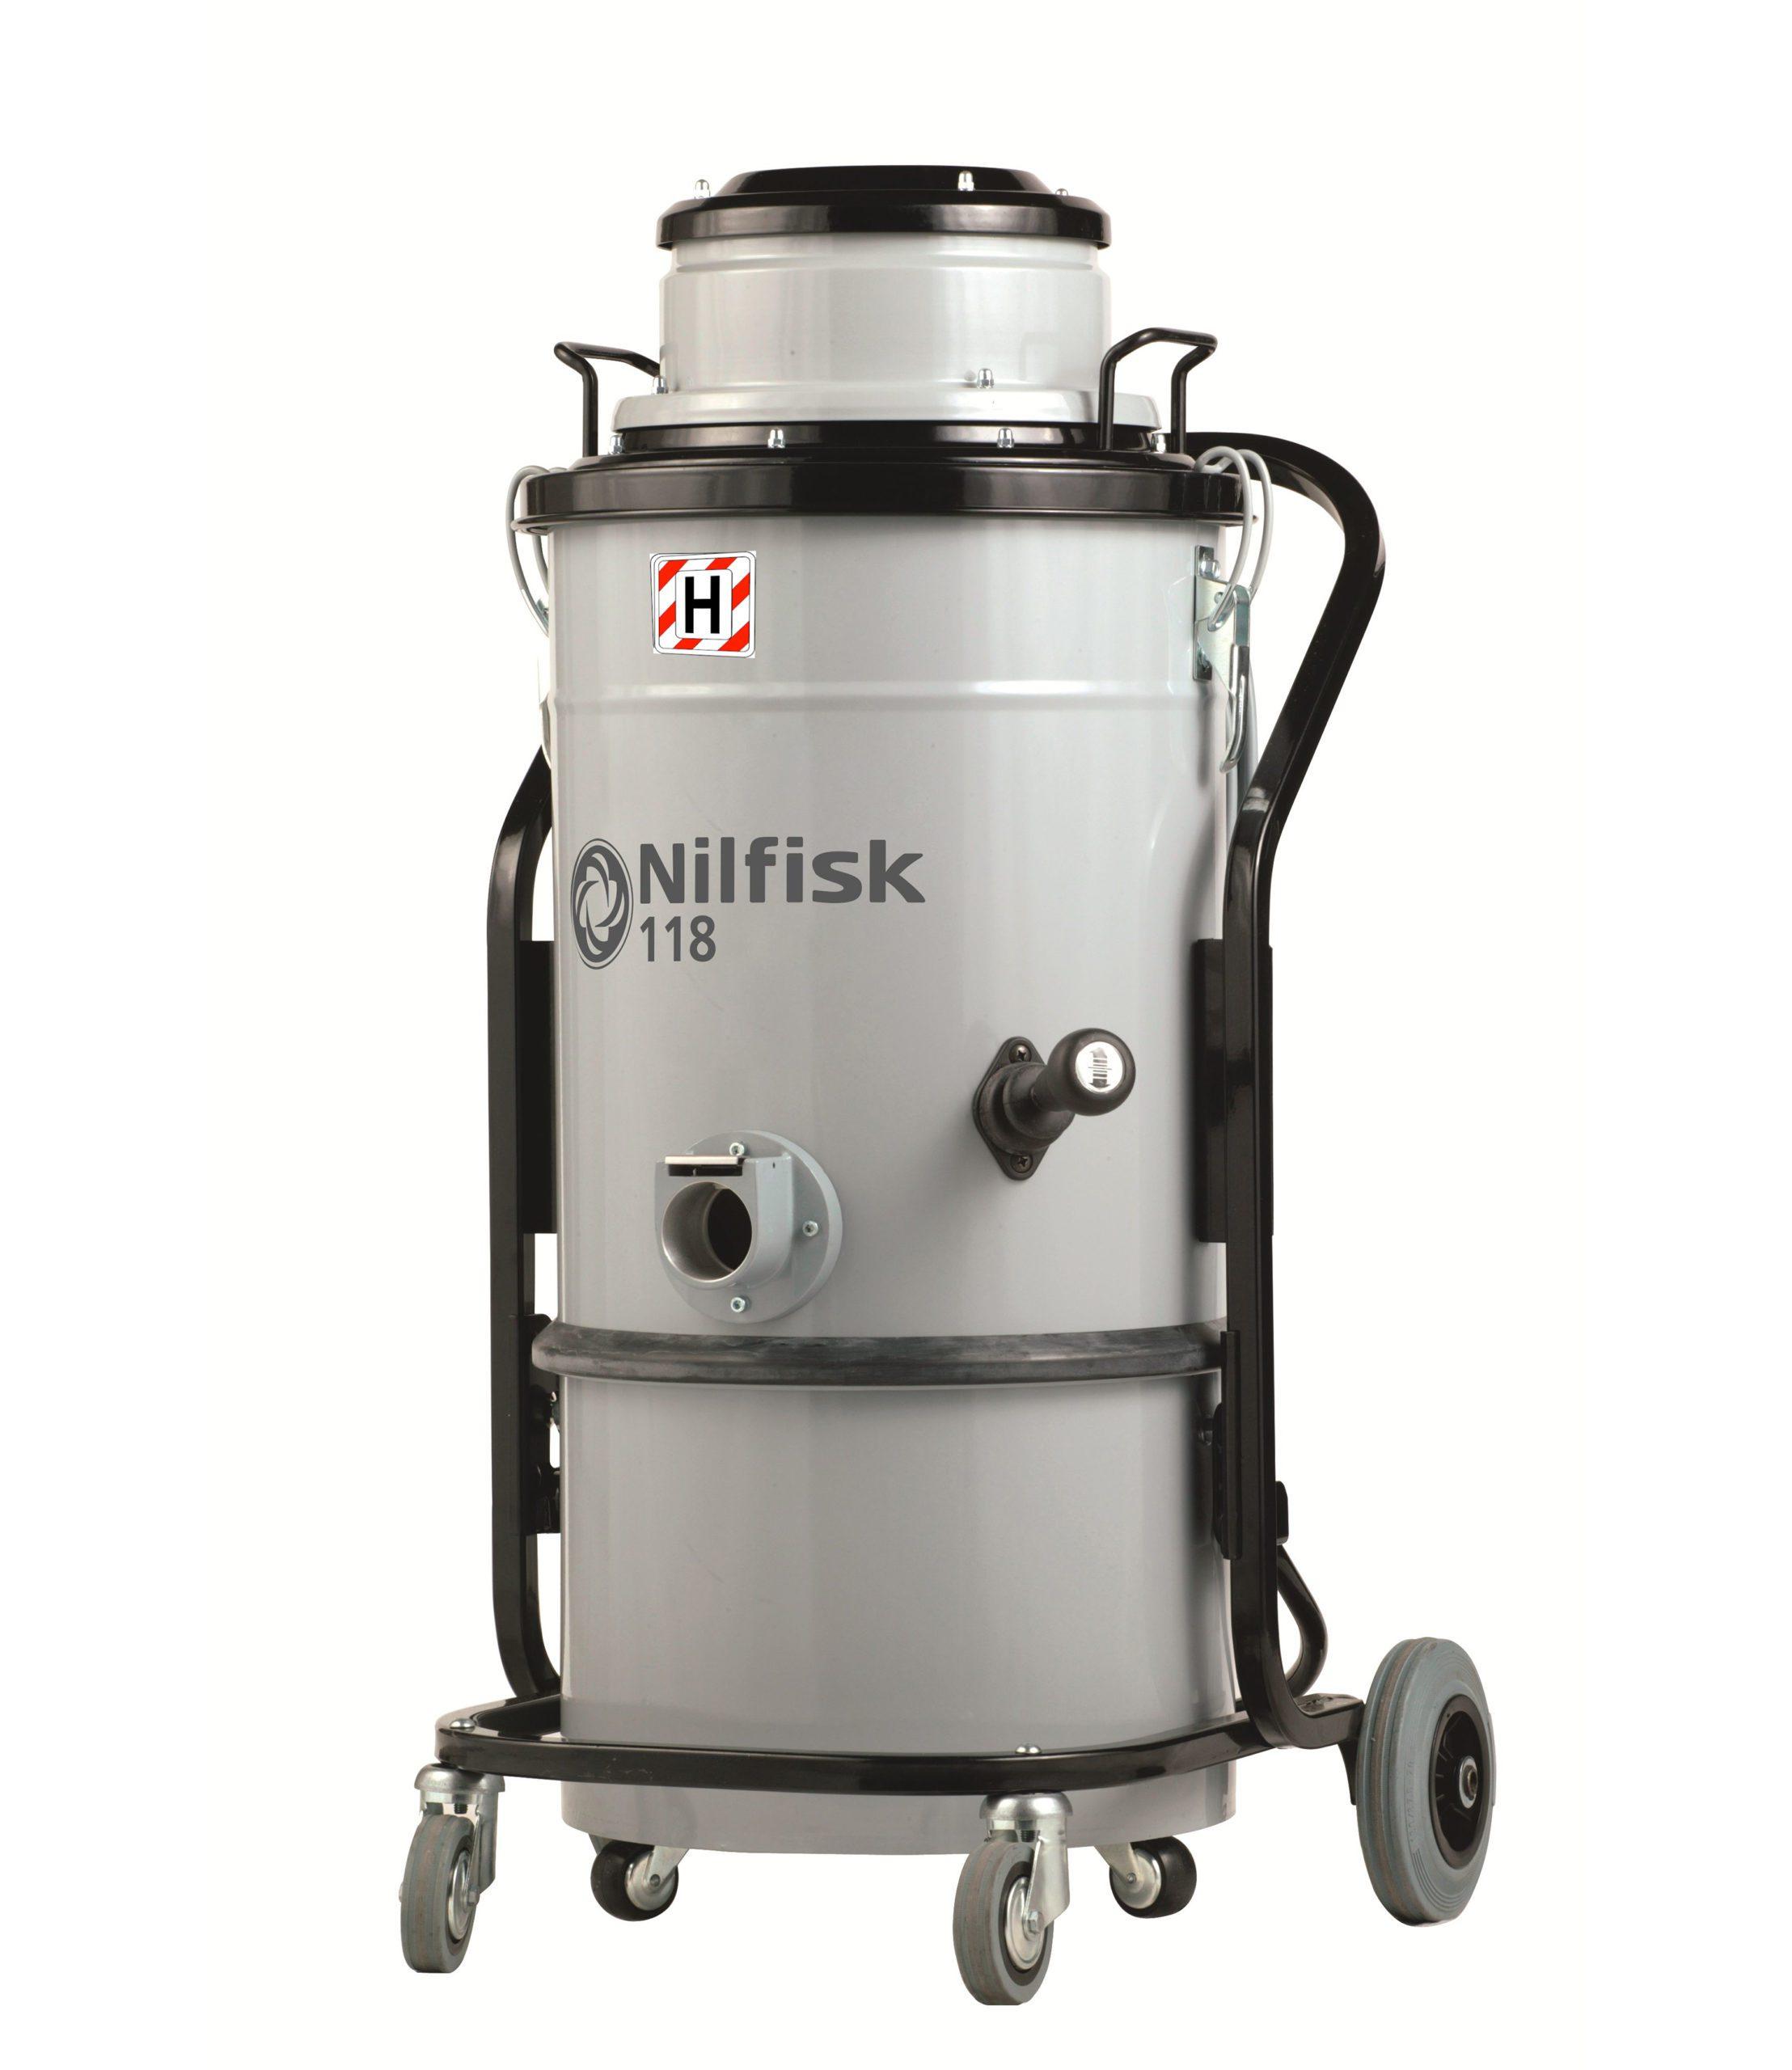 Odkurzacz przemysłowy klasy H_118 HC_Nilfisk